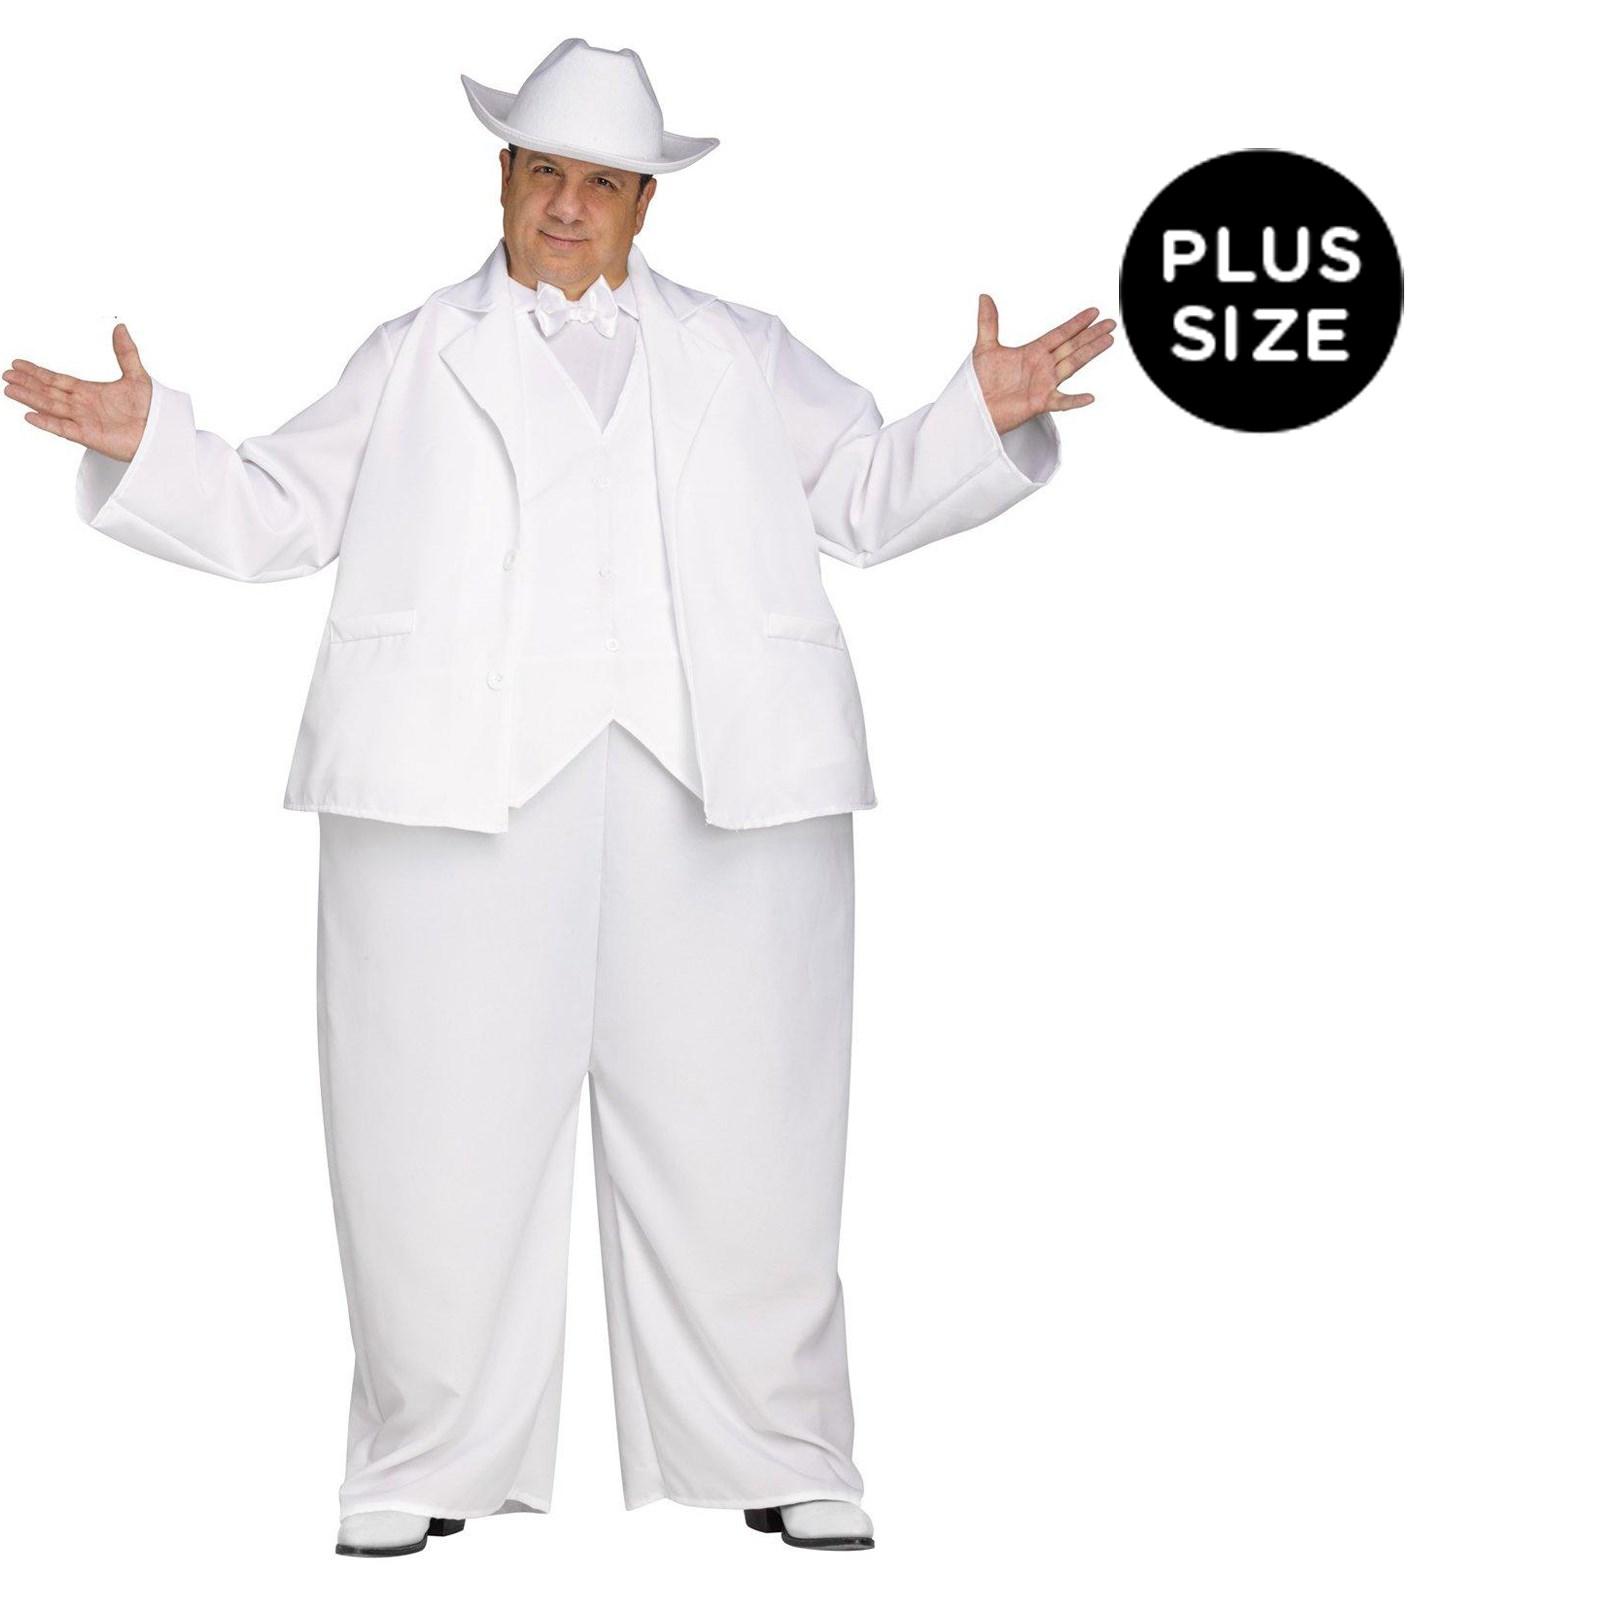 The Dukes of Hazzard Boss Hogg Plus Size Costume For Men